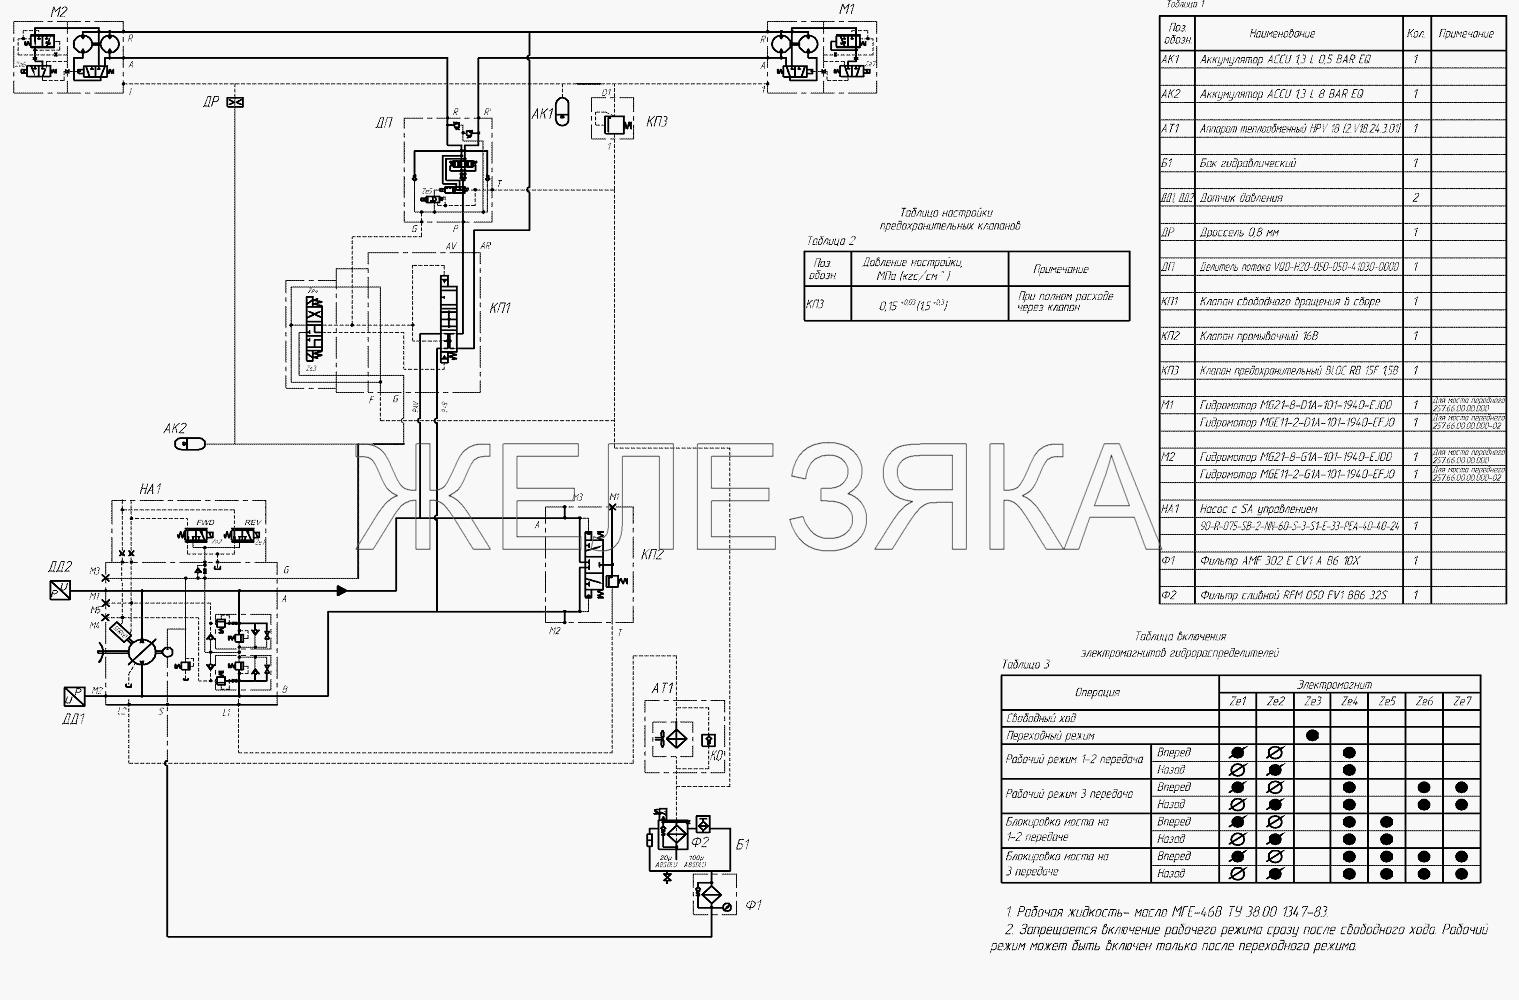 Схема гидравлическая принципиальная 257.12.00.00.000 Г3 от автогрейдера ГС-25.09 title=